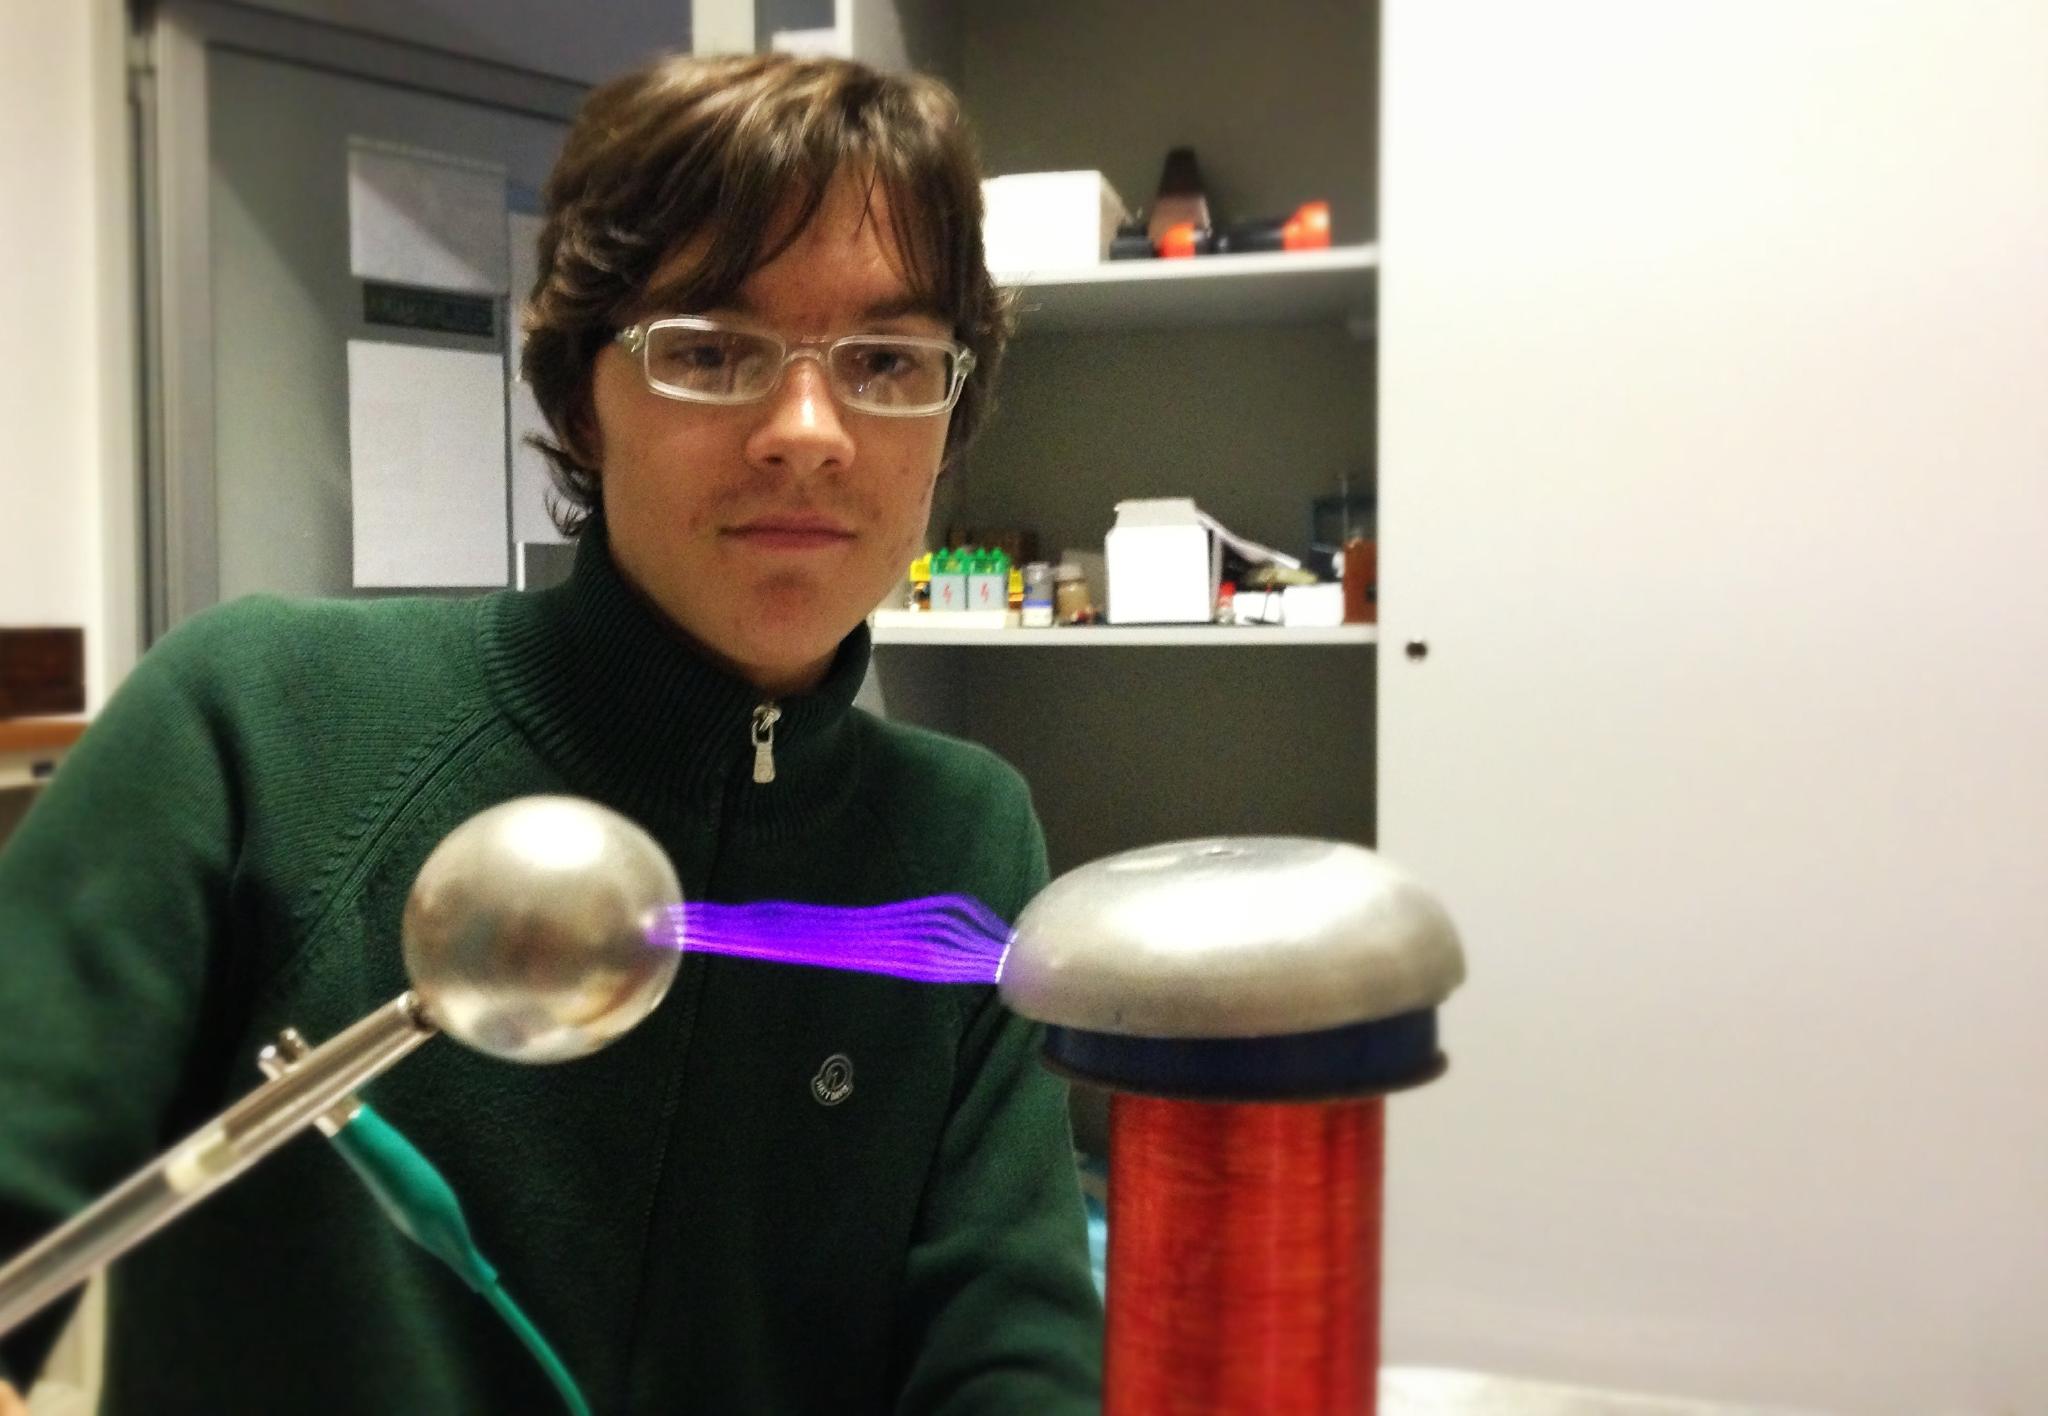 Piastre Di Tesla Funzionano la bobina di tesla – giovani per la scienza